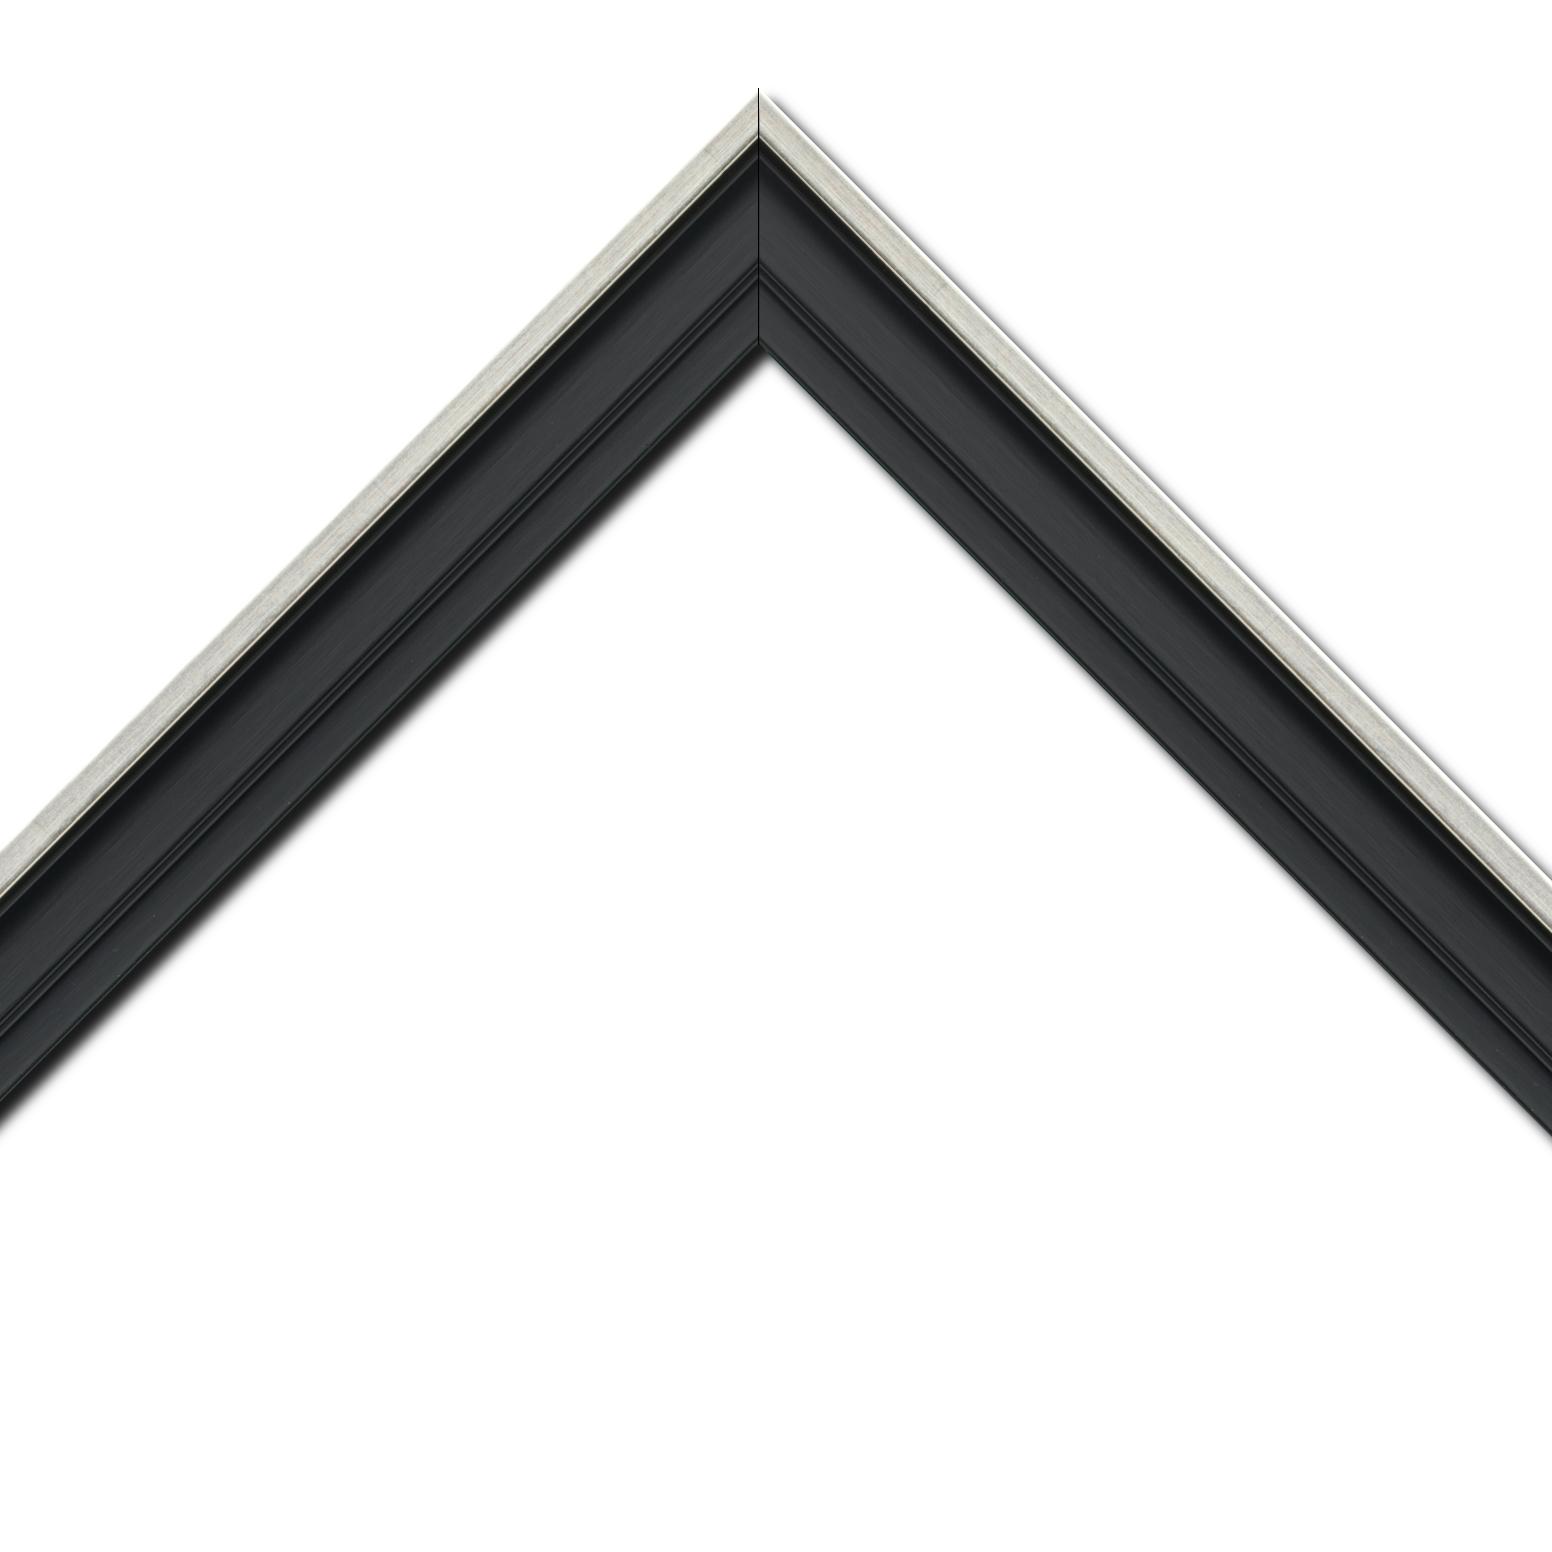 Baguette bois caisse américaine profil escalier largeur 4.4cm noir mat  filet argent (spécialement conçu pour les châssis d'une épaisseur jusqu'à 2.5cm )